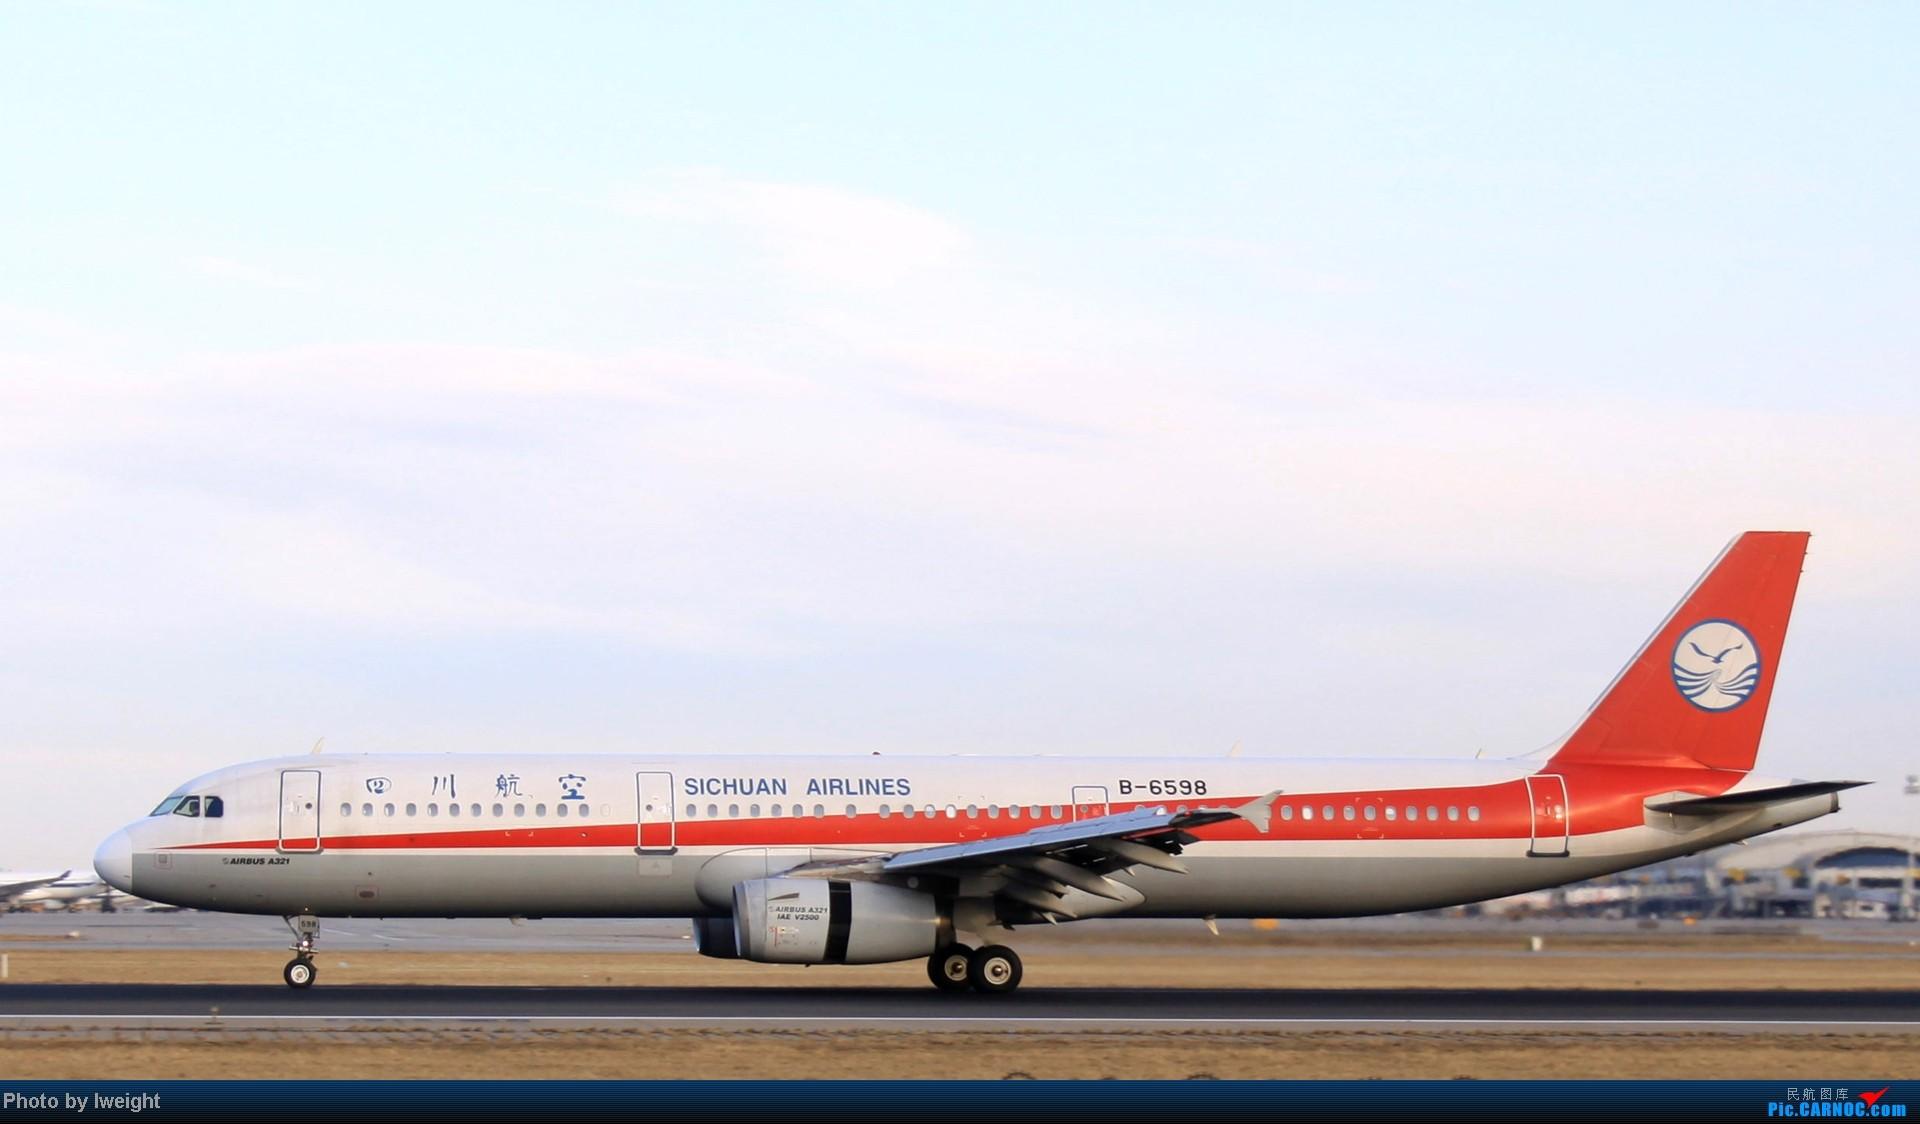 Re:[原创]今天下午瞎拍两个小时的杂图 AIRBUS A321-200 B-6598 中国北京首都机场